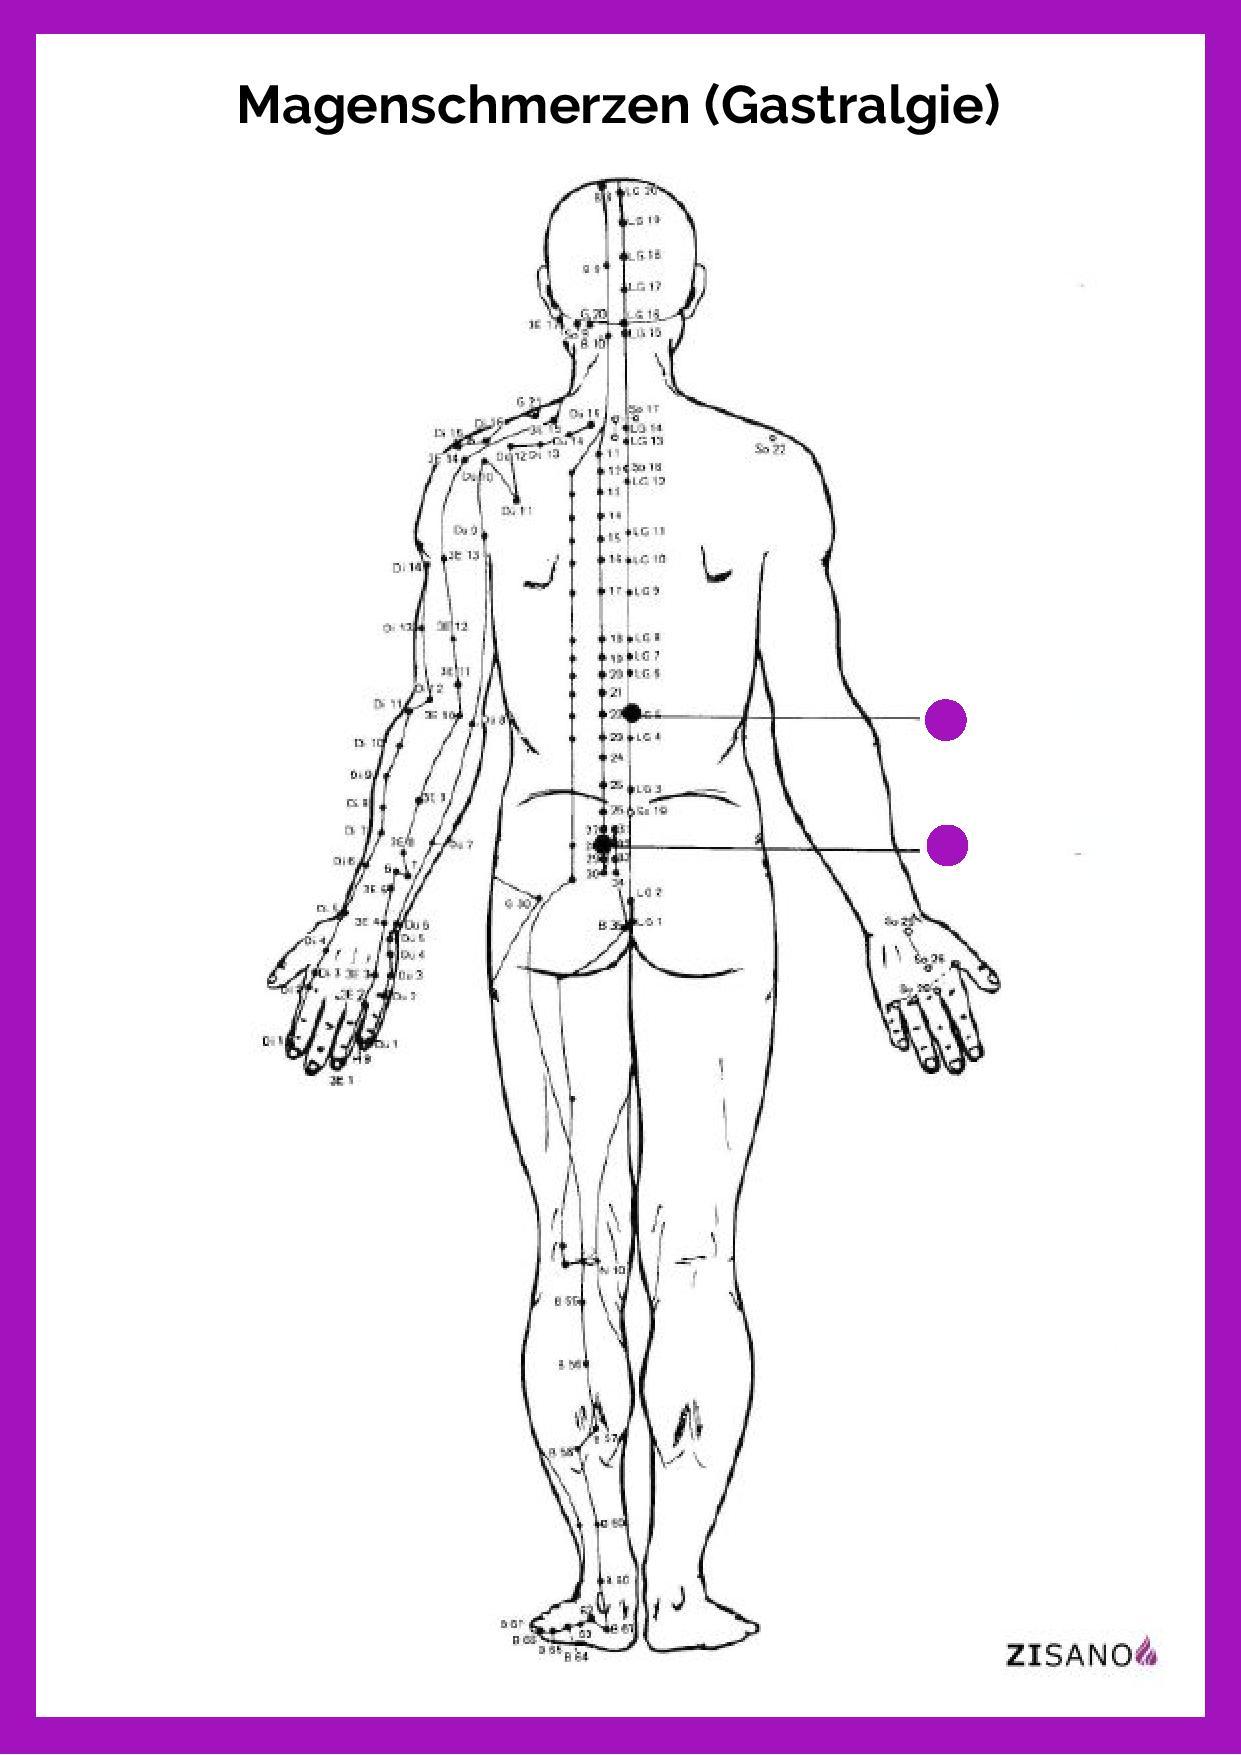 Meridiane - Magenschmerzen - Gastralgie - Beschwerden